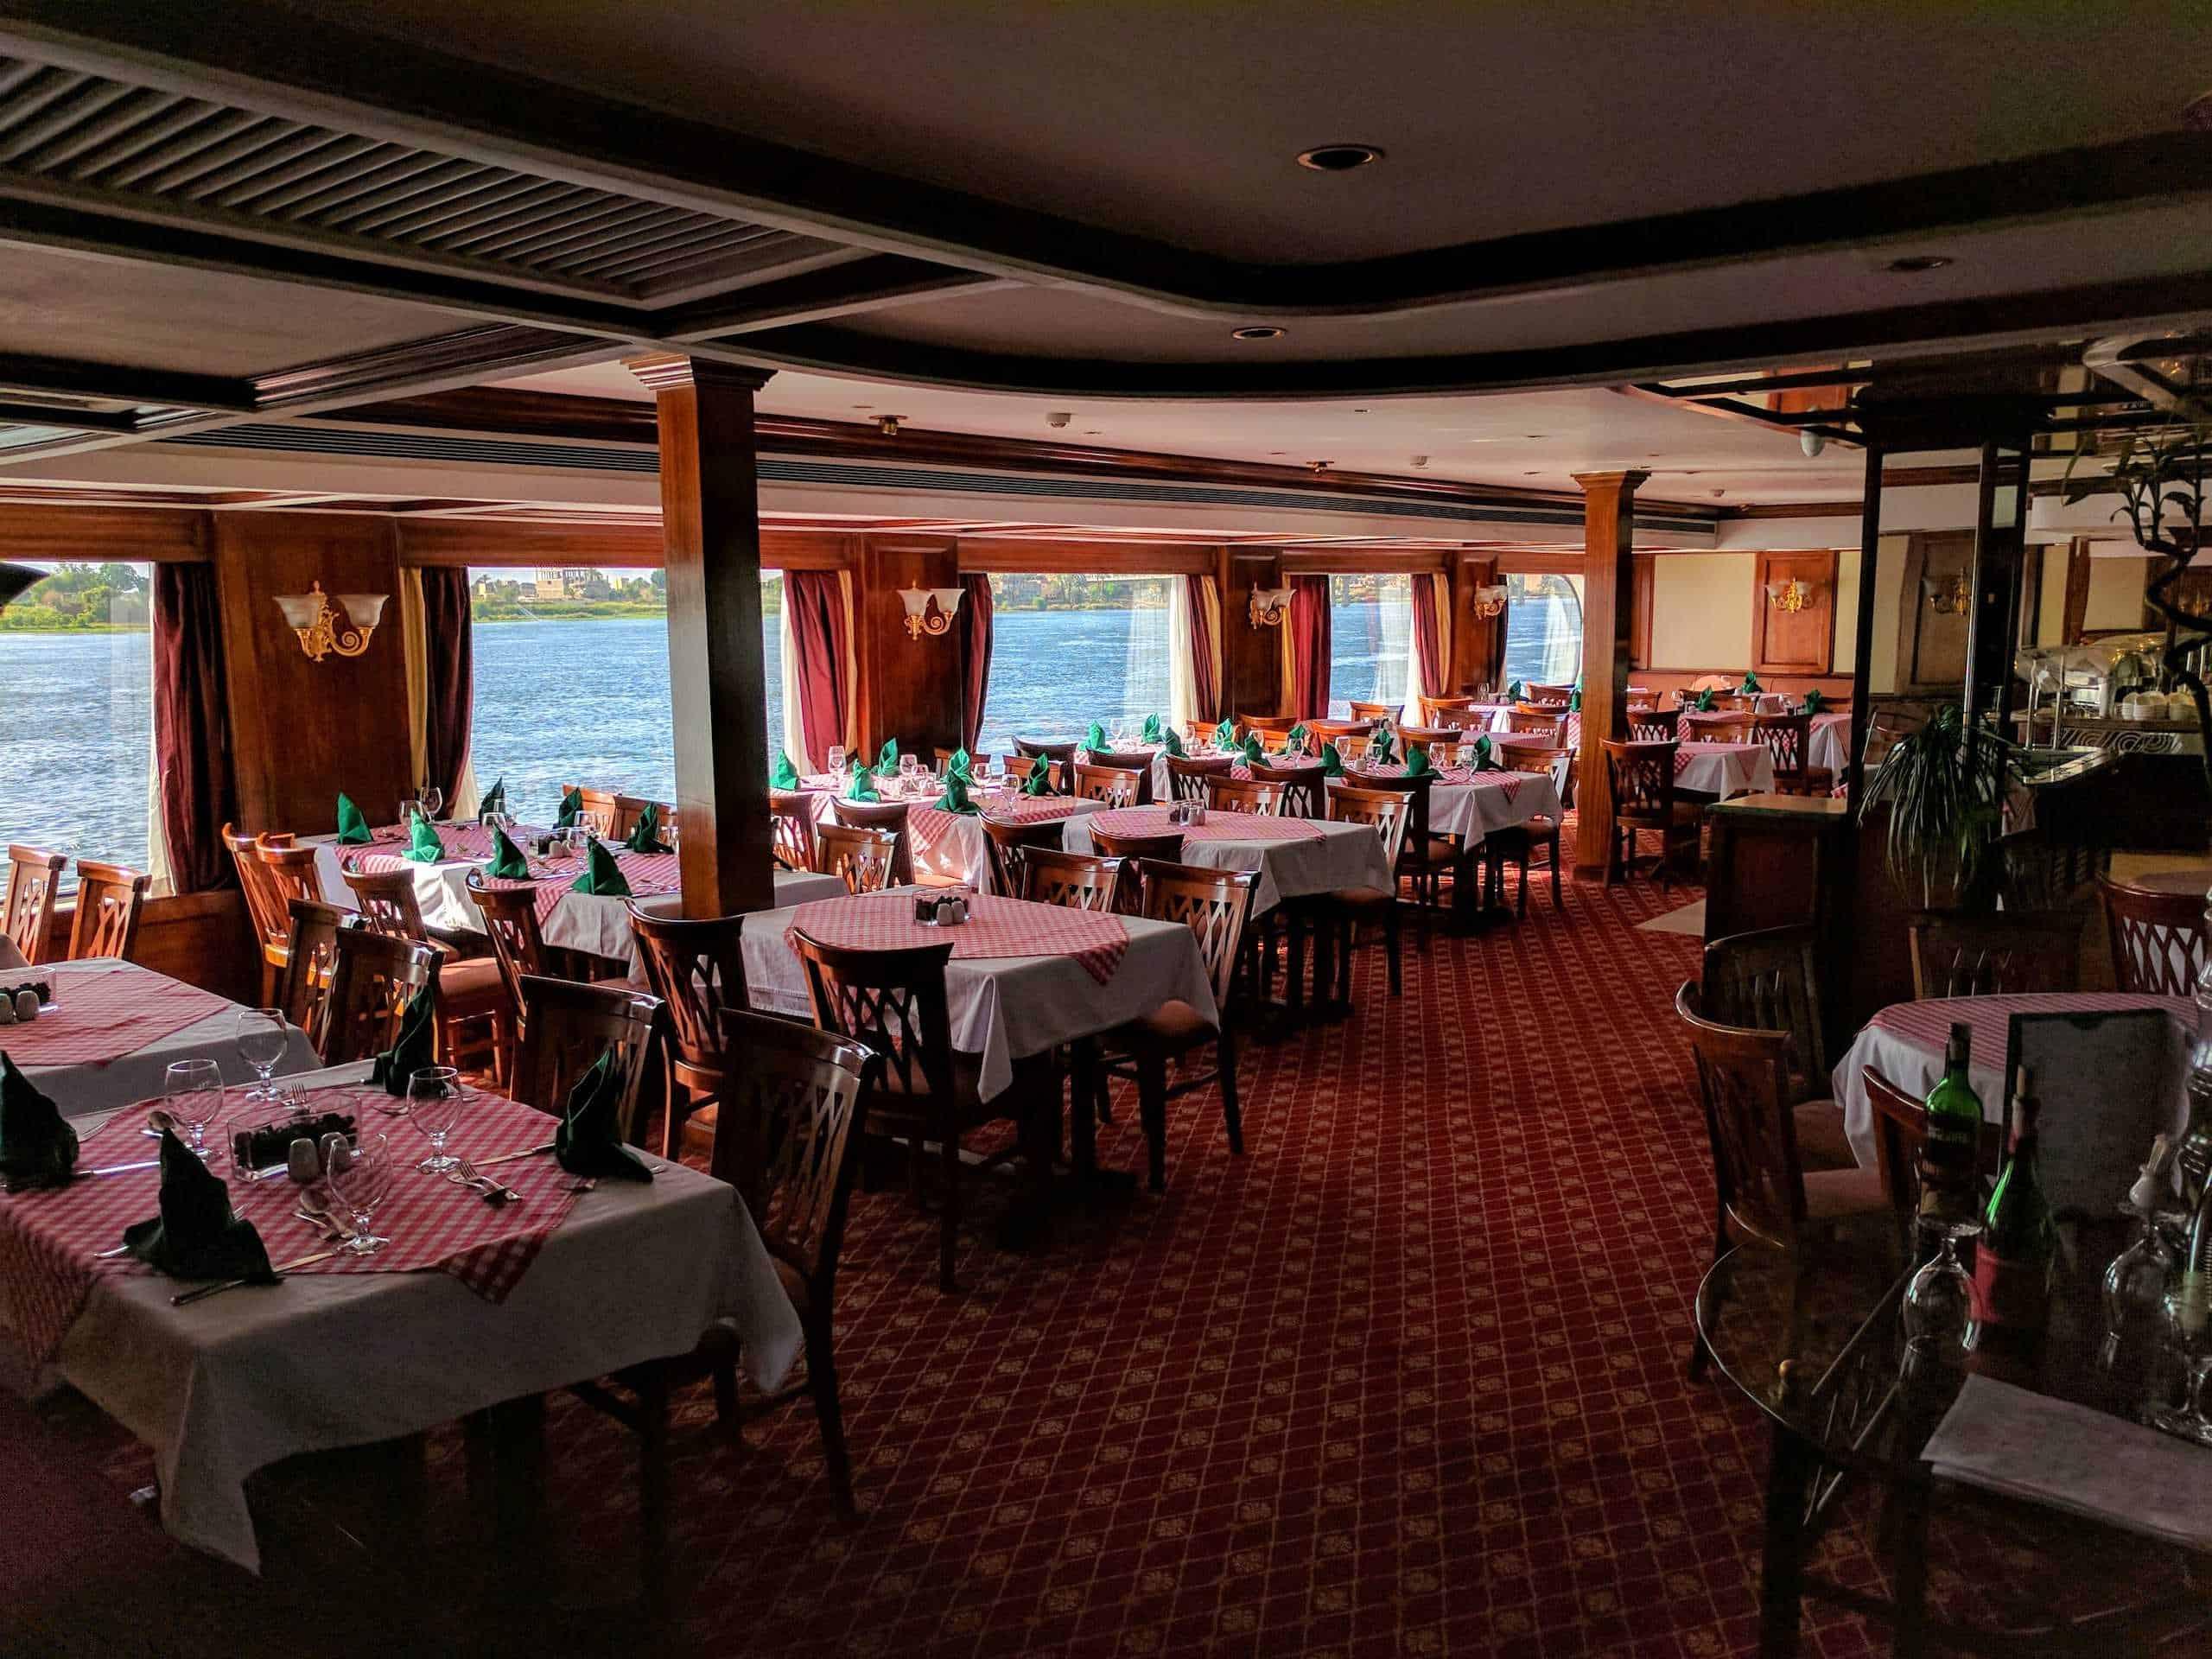 Restaurante do navio.